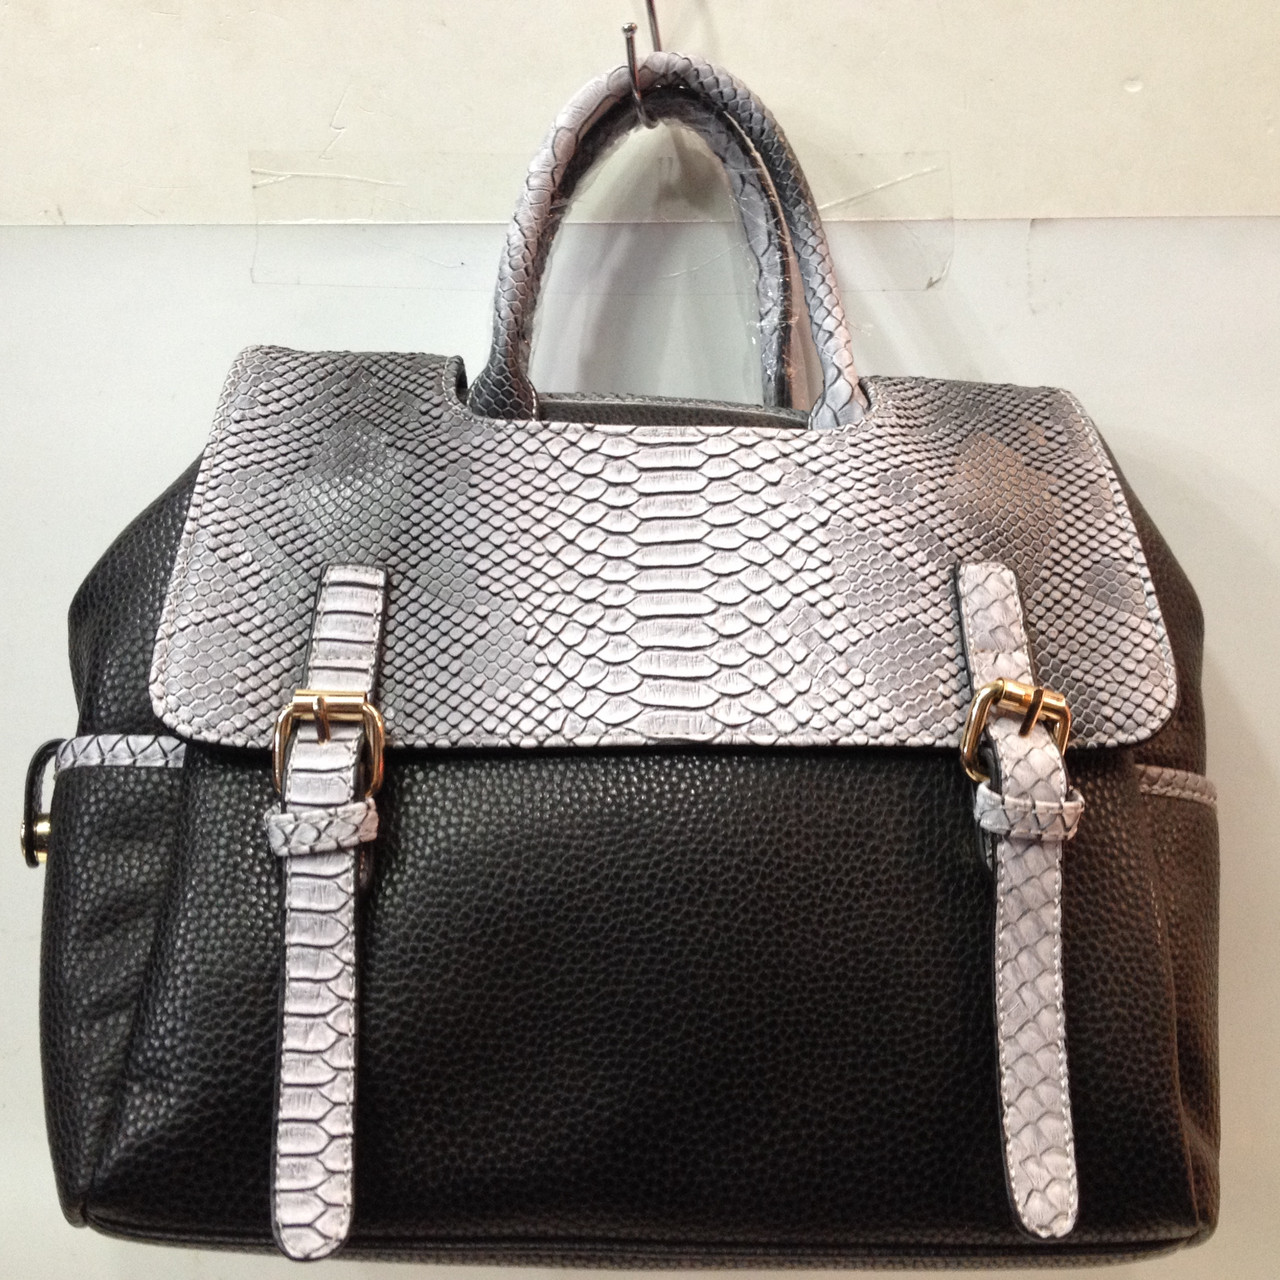 1b114864bd13 Красивый женский рюкзак. Стильный рюкзак. Рюкзак для девочки. Вместительный  рюкзак.(27х31см